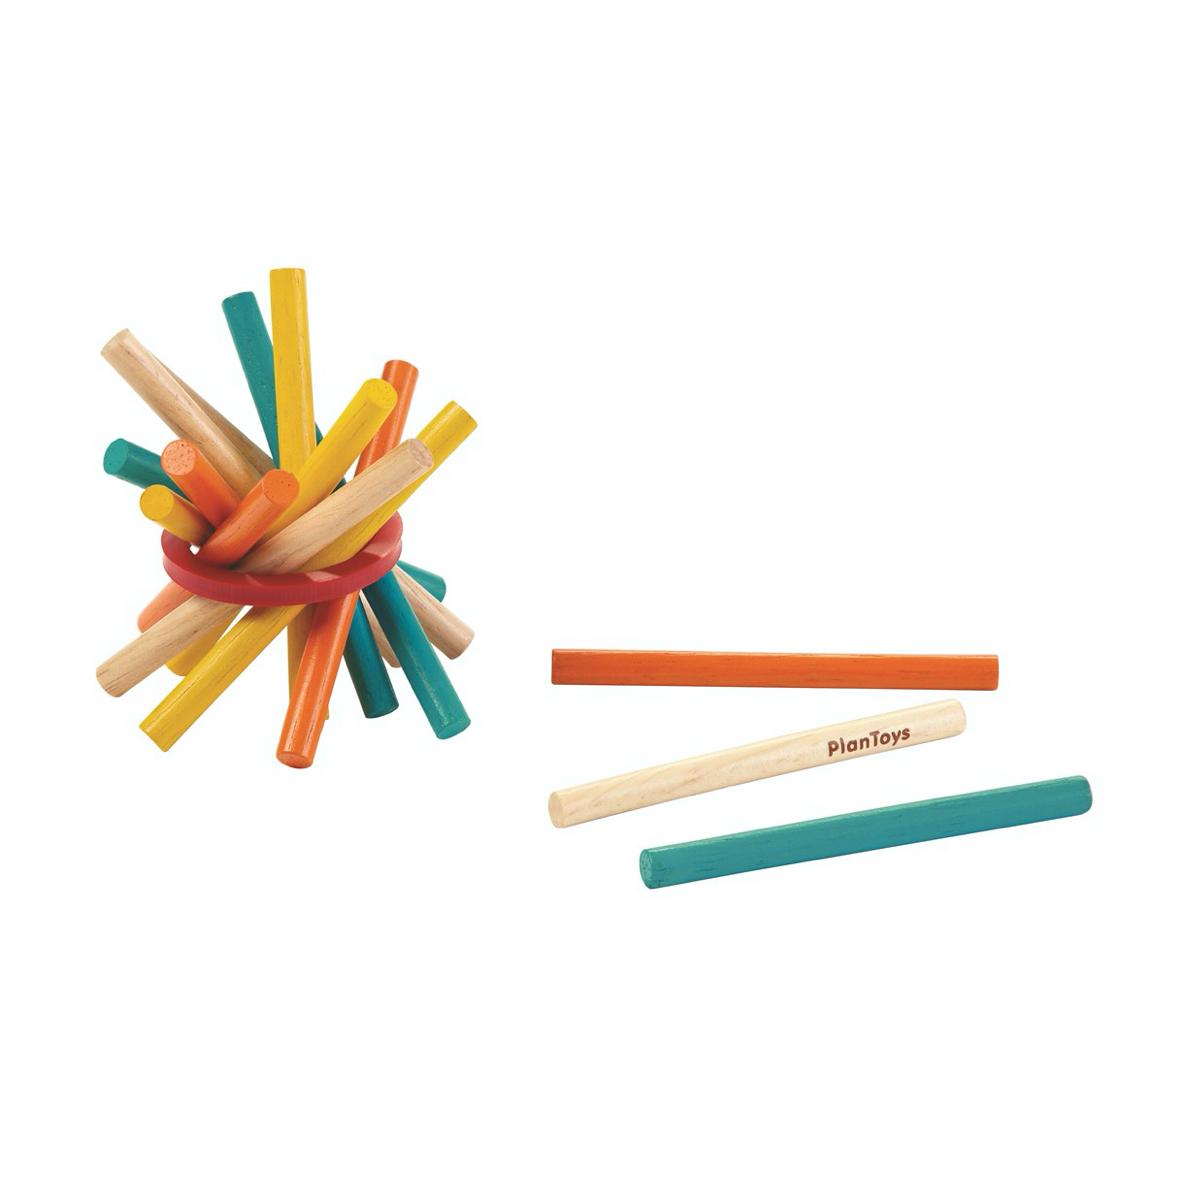 juego-de-habilidad-pick-up-sticks-plantoys-el-mundo-de-mico2